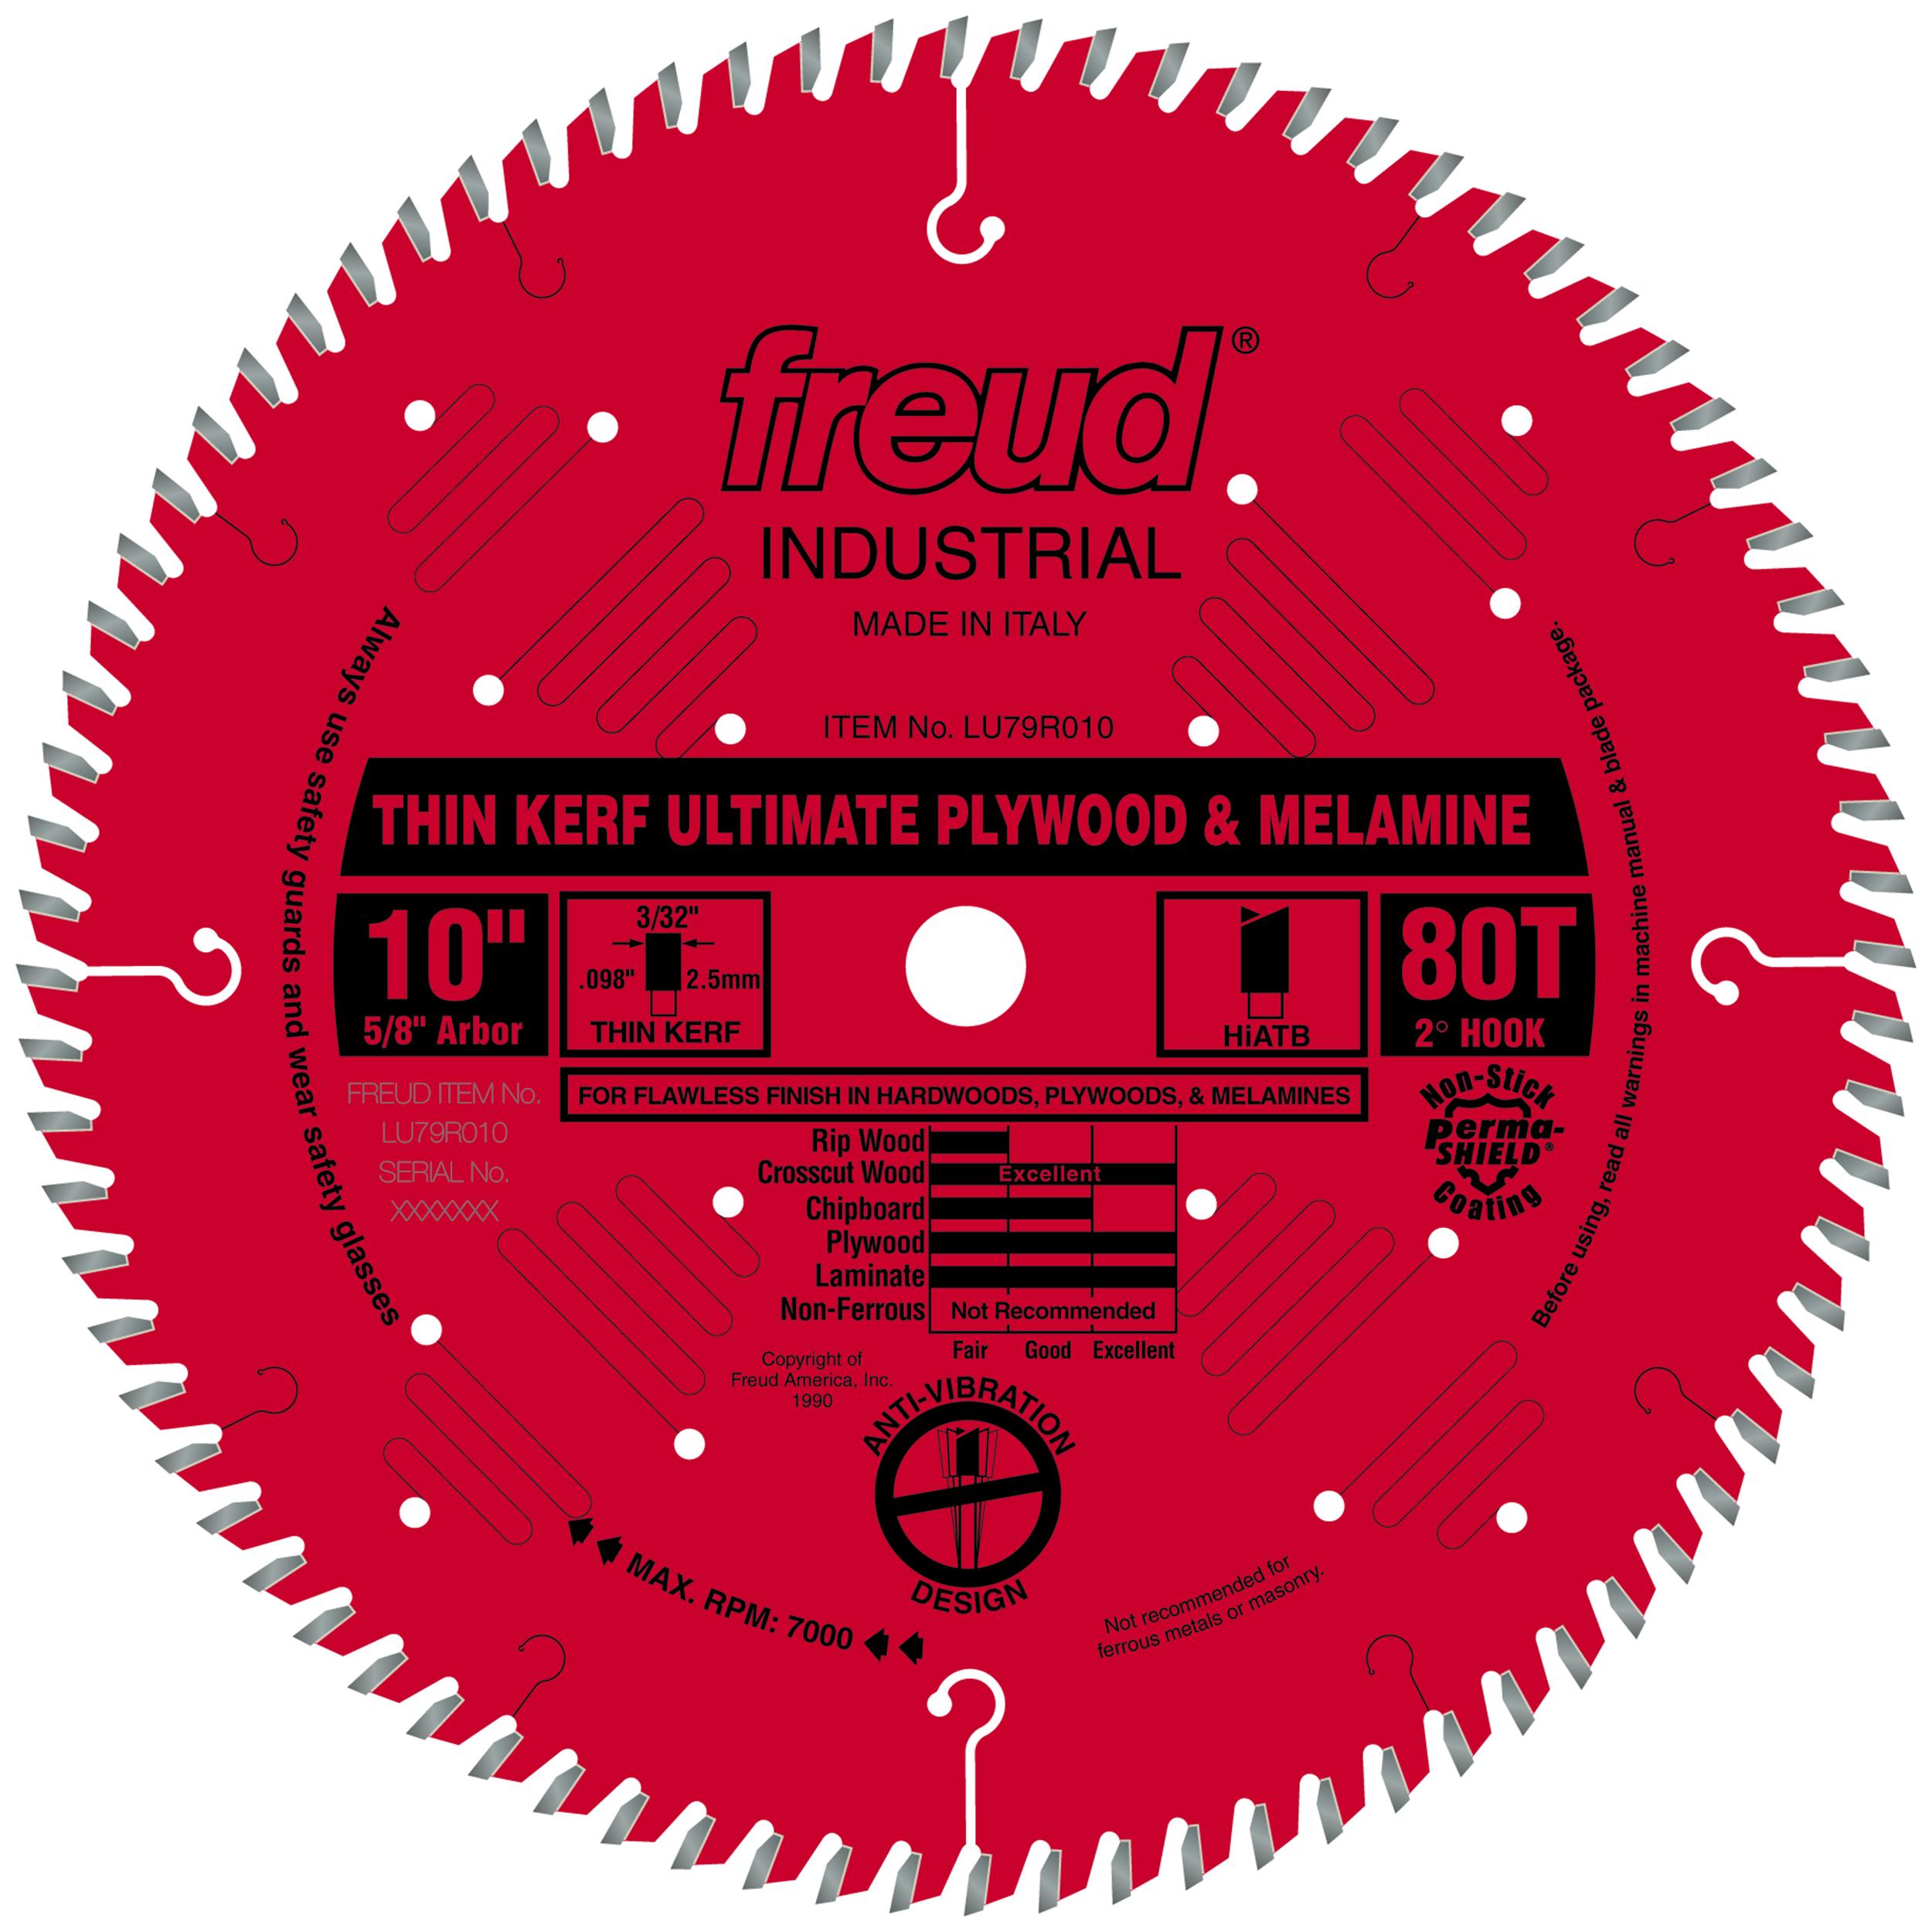 LU79R010 Circular Saw Plywood/Melamine Saw Blade 10